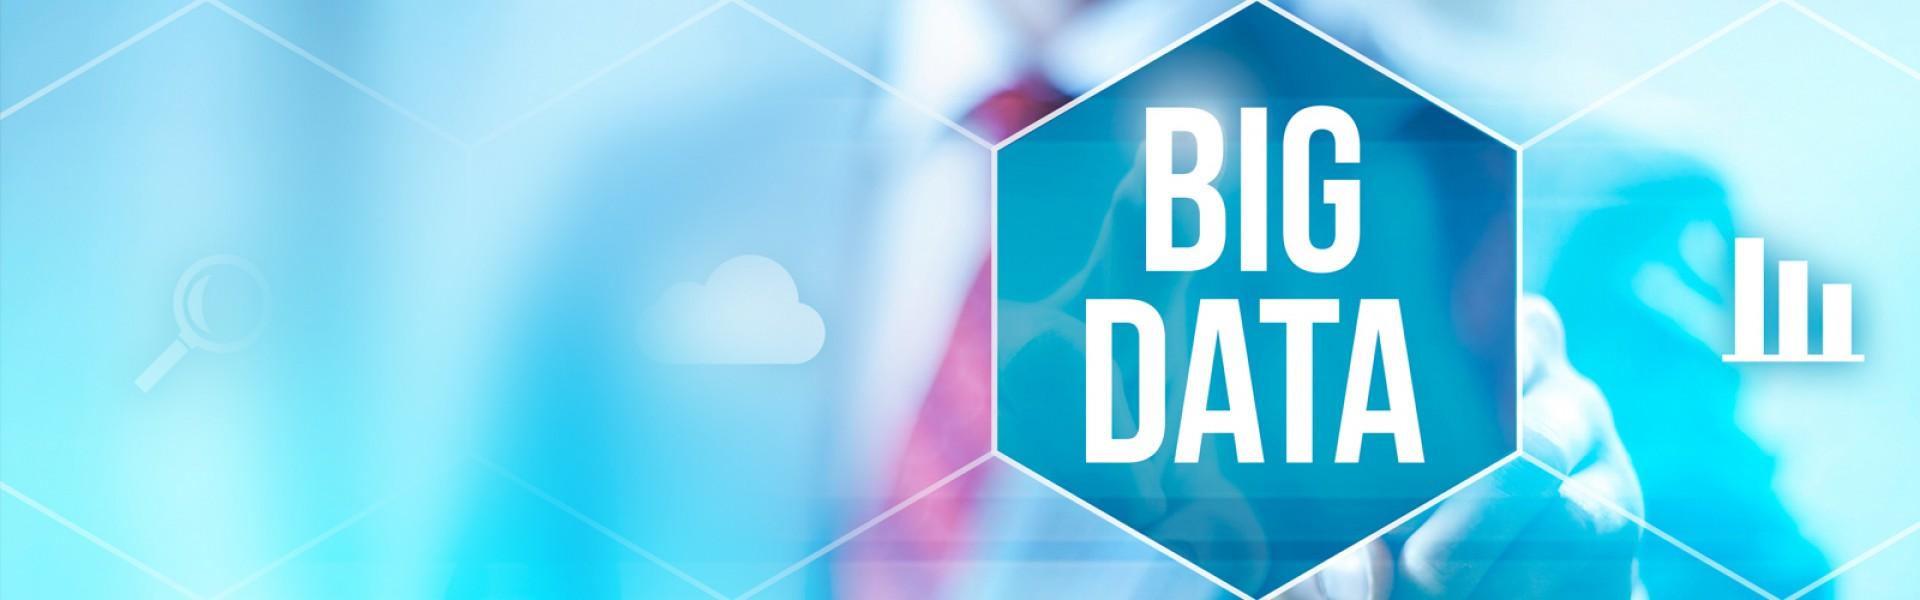 Data-Giant